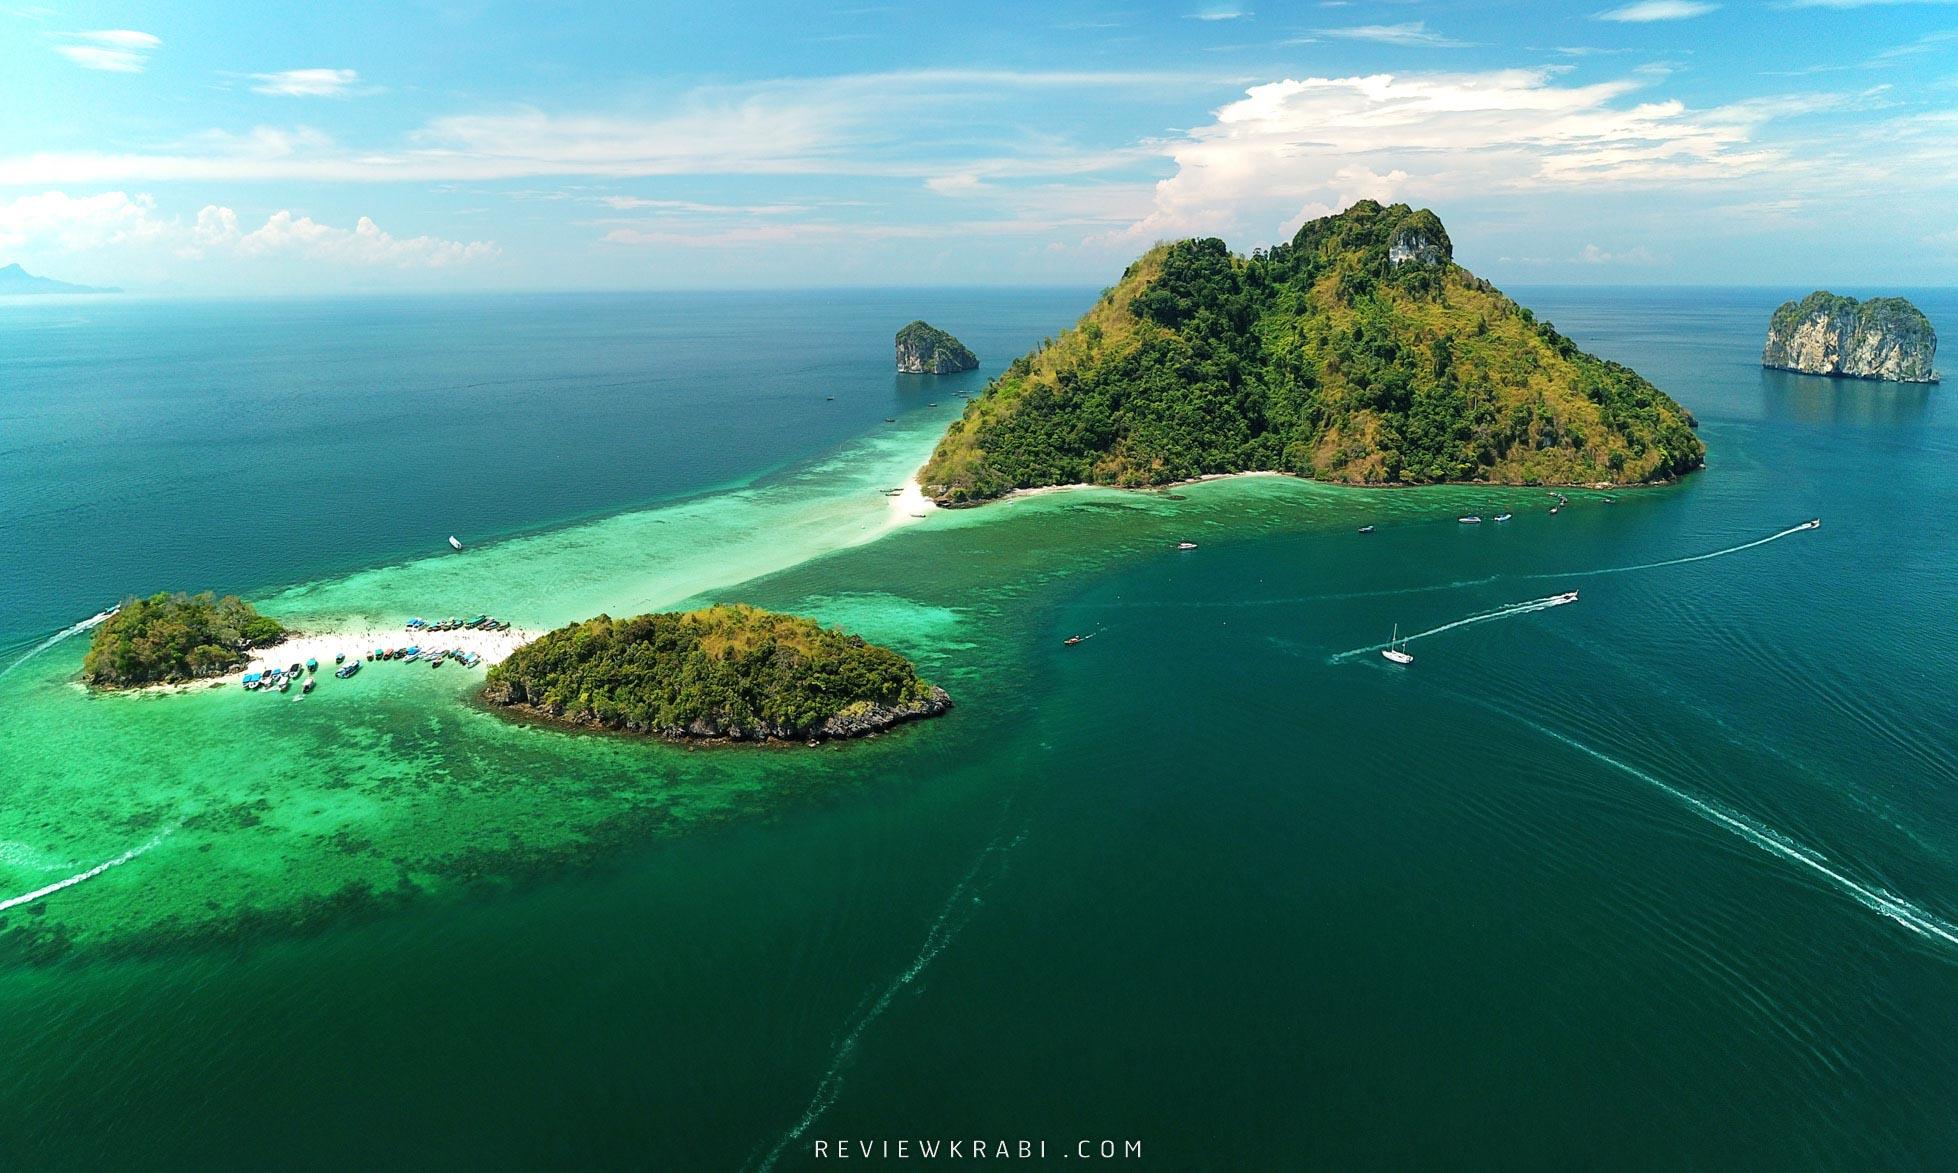 พลาดไม่ได้แล้ววกับทะเลแหวกที่กระบี่มาเช็นอินกันได้รัวๆ กับน้ำทะเลอันดามันสีมรกต